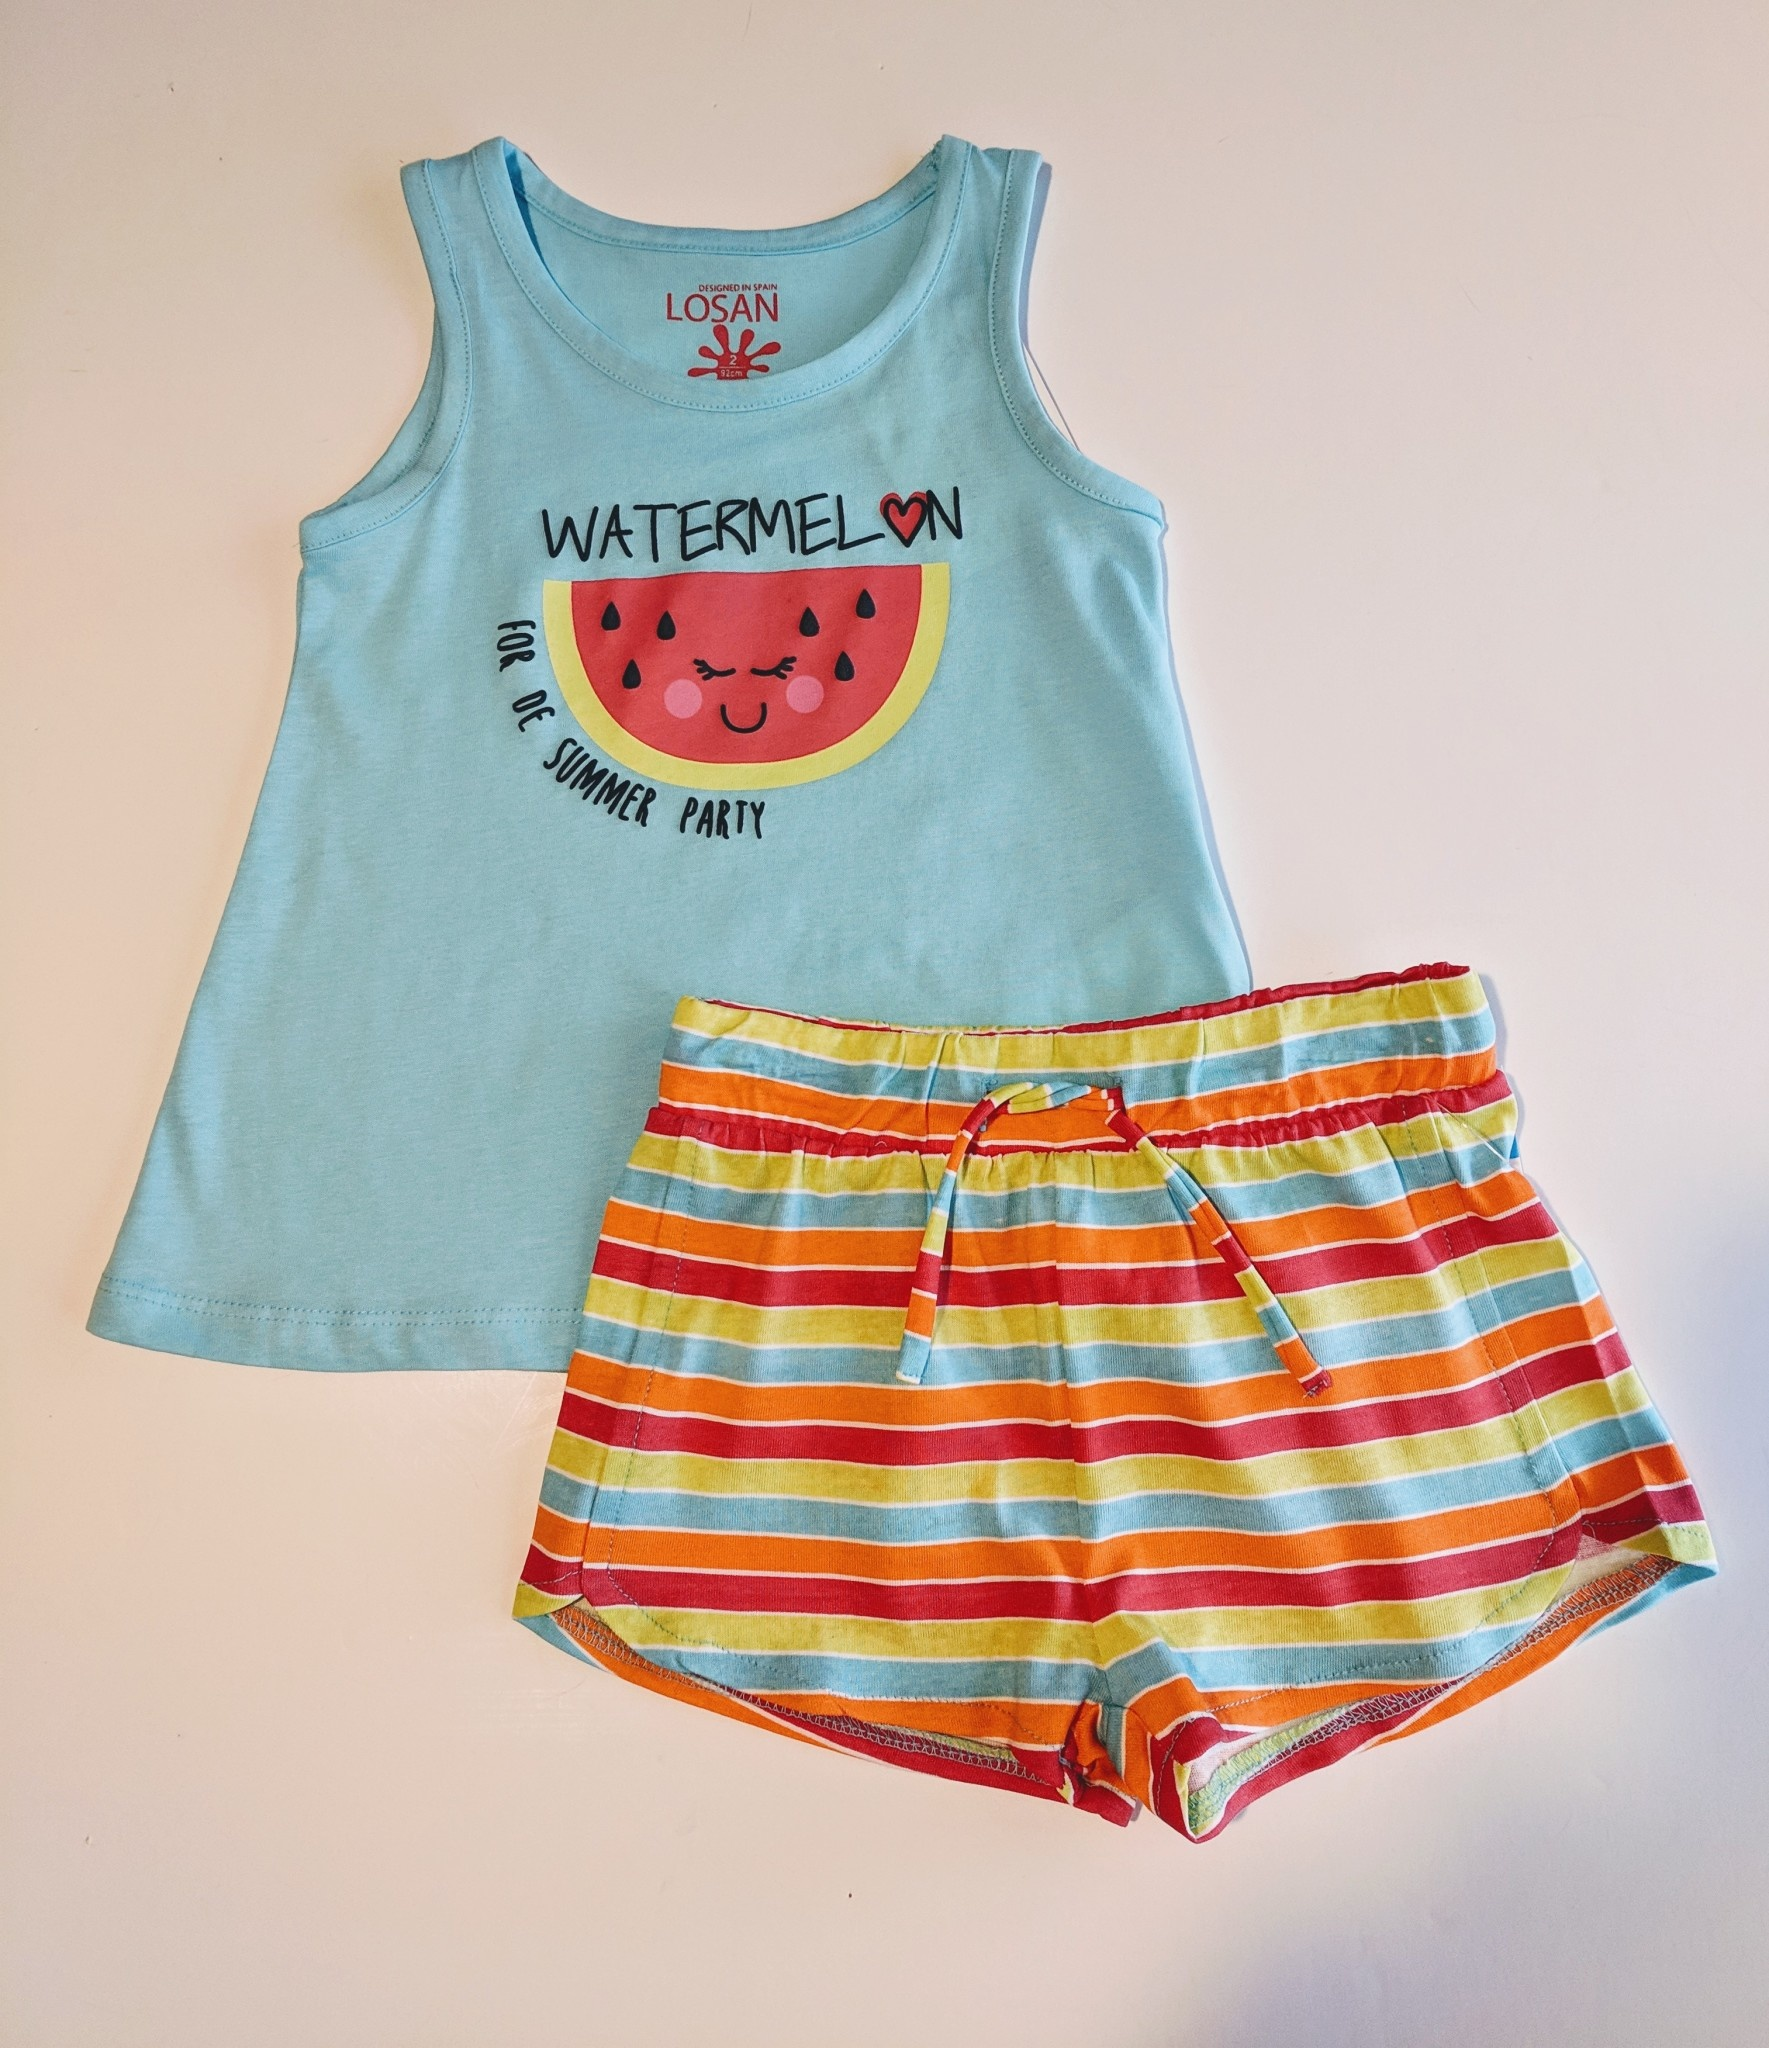 2e5b06d83f4d8 Girl's Short and Tee Set - www.jambabykids.com